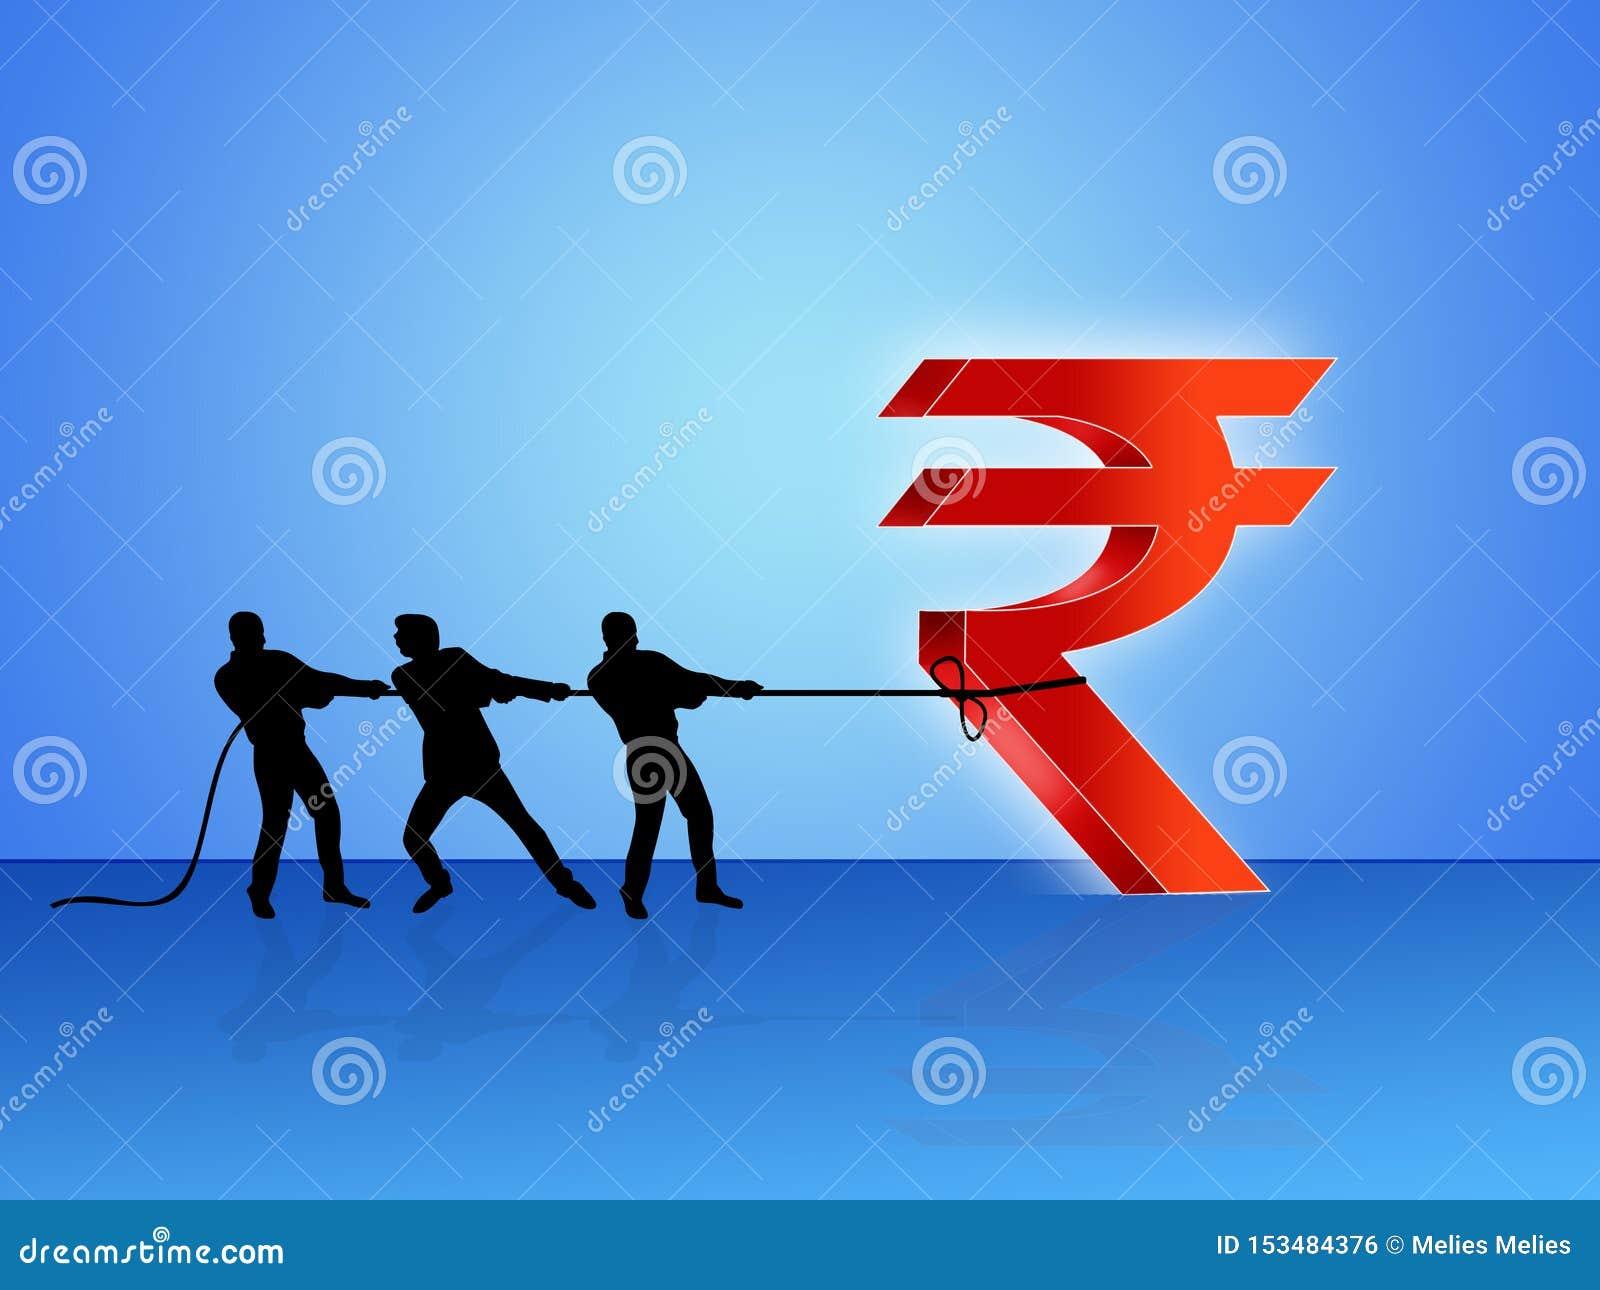 Slepend Indisch Roepiesymbool, de ontwikkeling van India, Indische Financiële Economie, zaken, maken van winst, illustratie